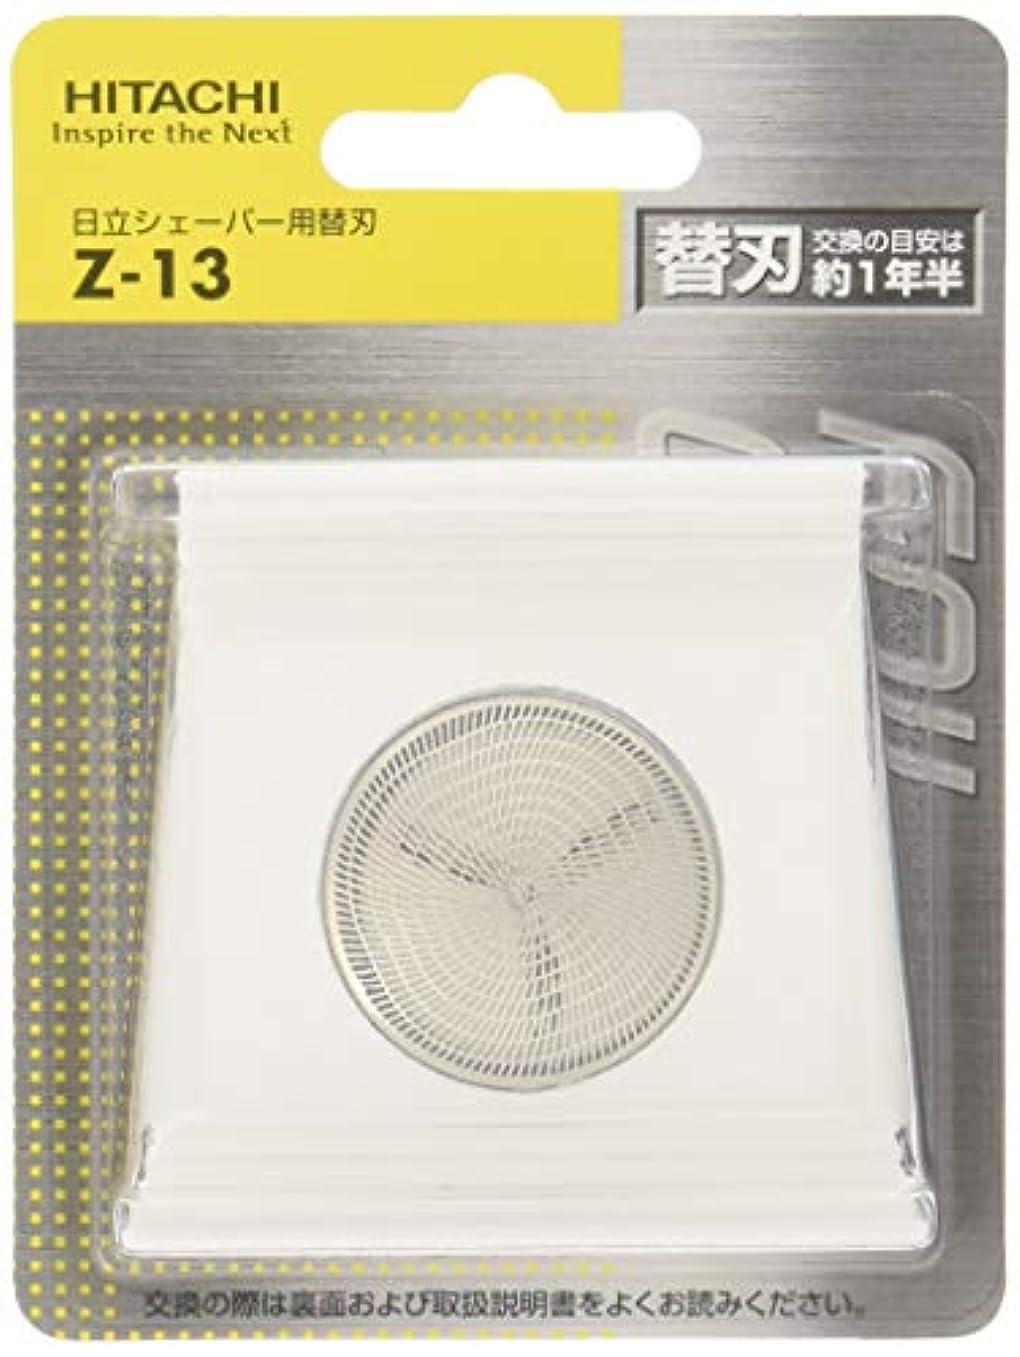 一時解雇する確保するパッケージ日立 シェーバー用替刃 Z-13